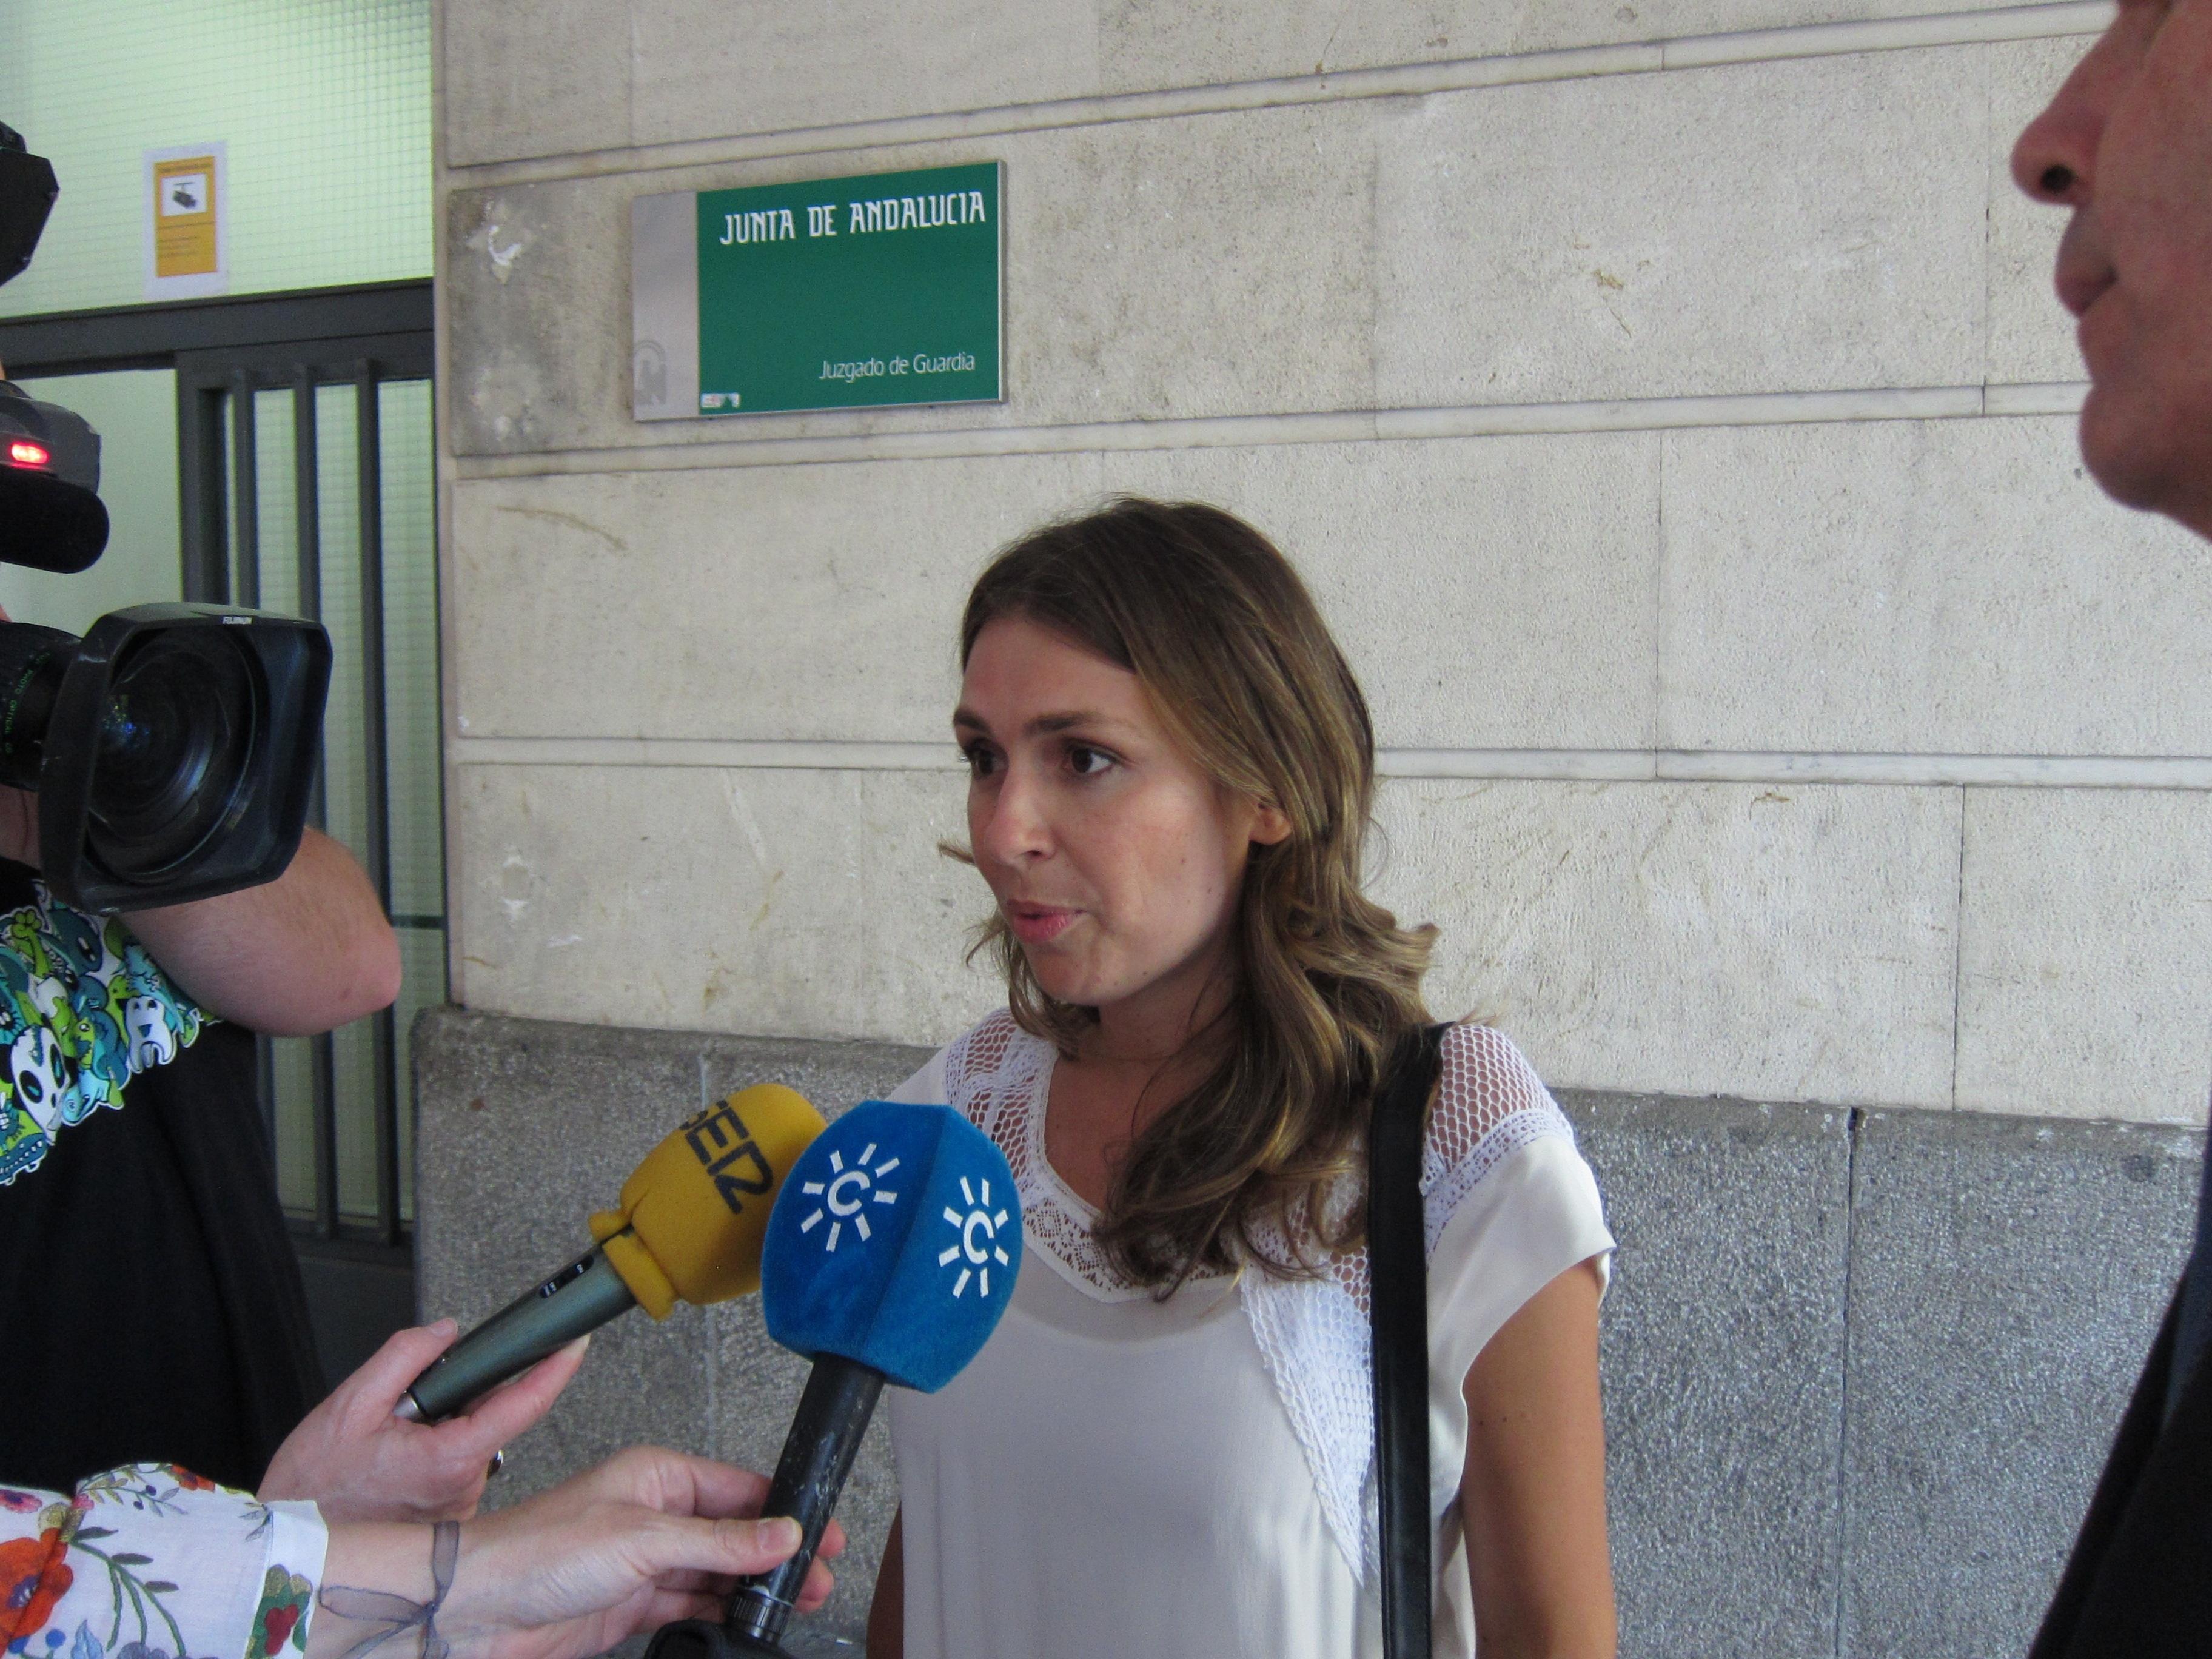 La expresidenta de Invercaria niega haber elaborado informes «falsificados» ni ordenar que se hicieran